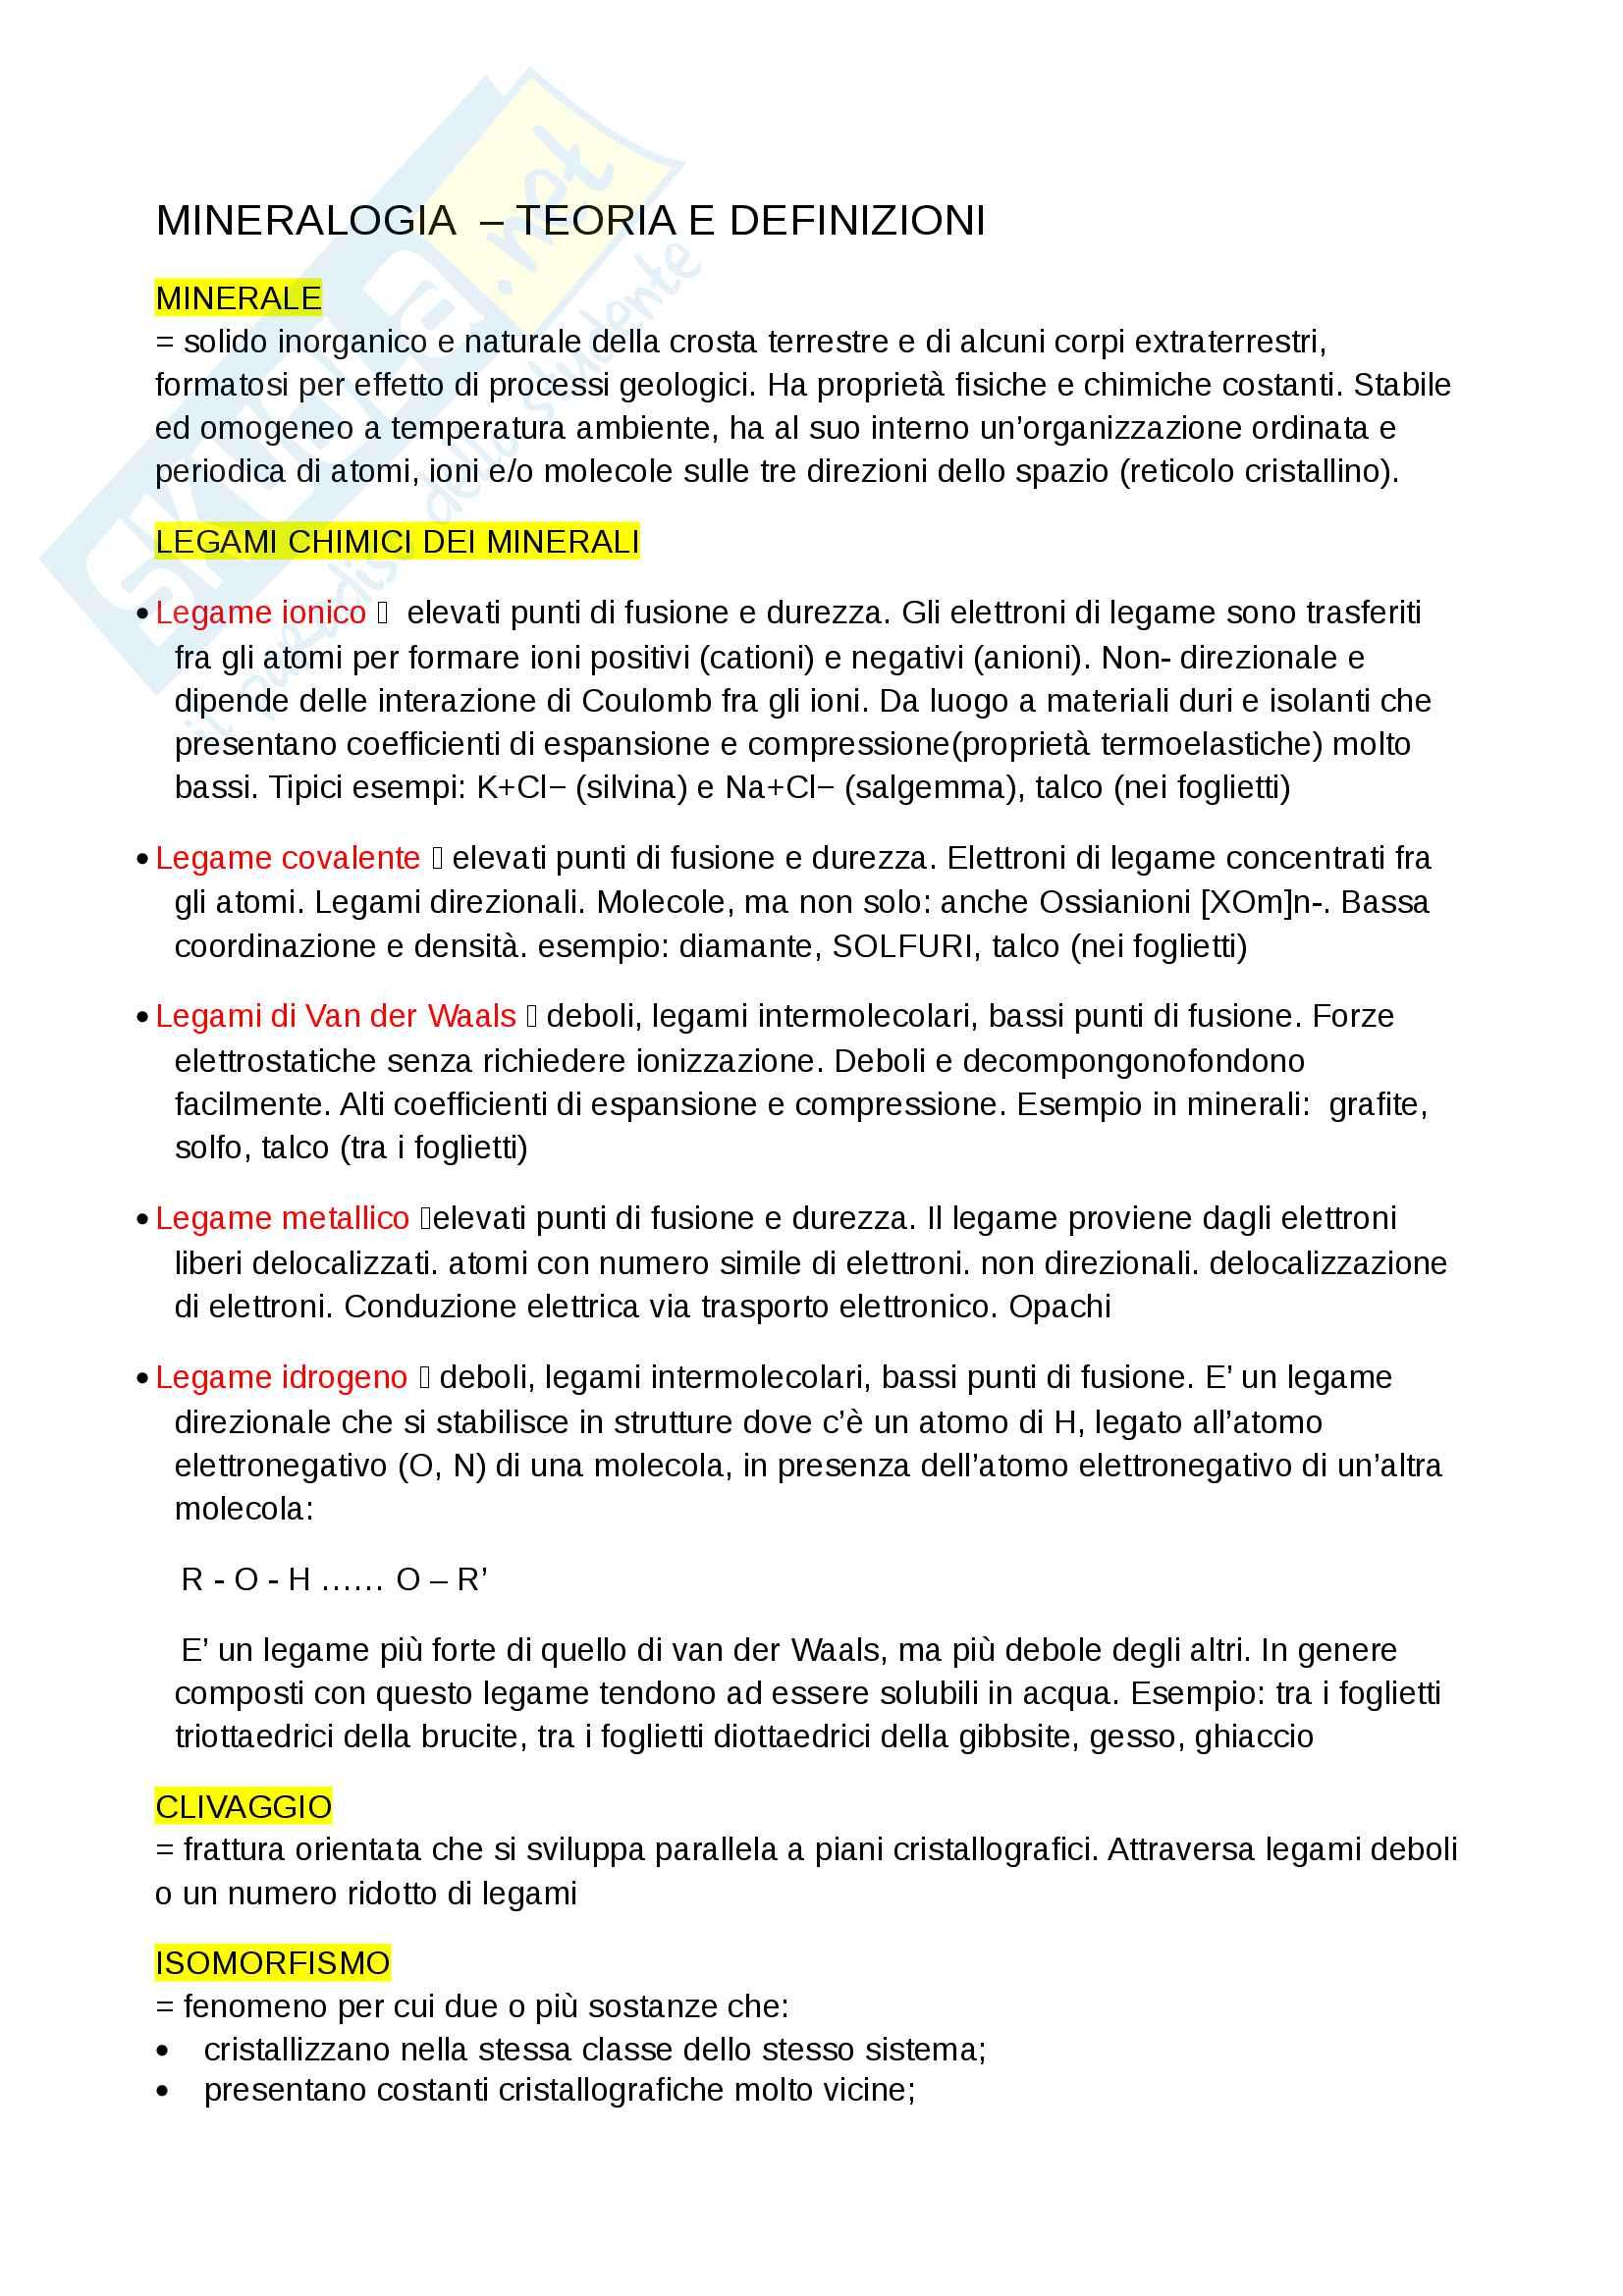 Teoria e definizioni - Mineralogia